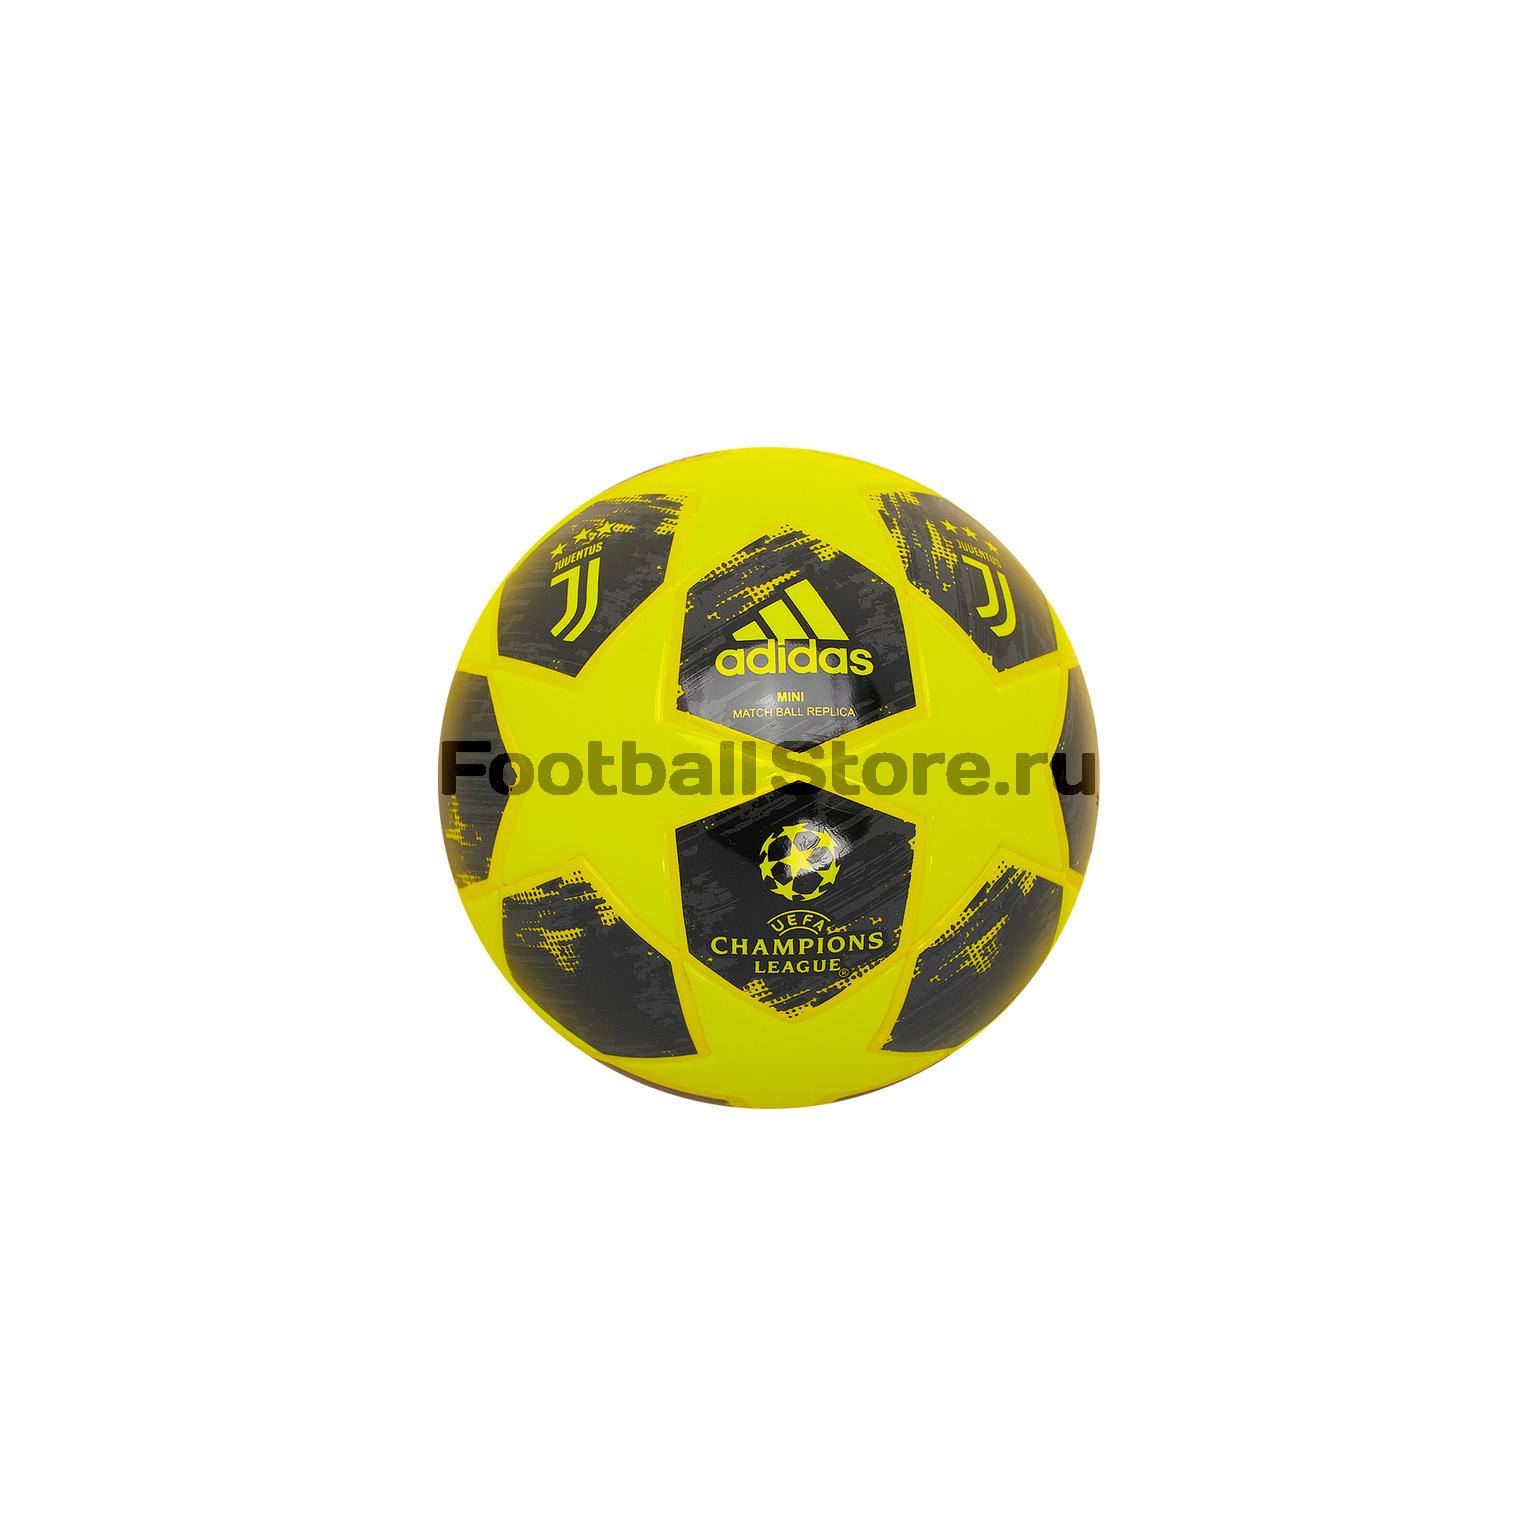 Мяч сувенирный Adidas Juventus CW4148 рюкзак adidas juventus cy5571